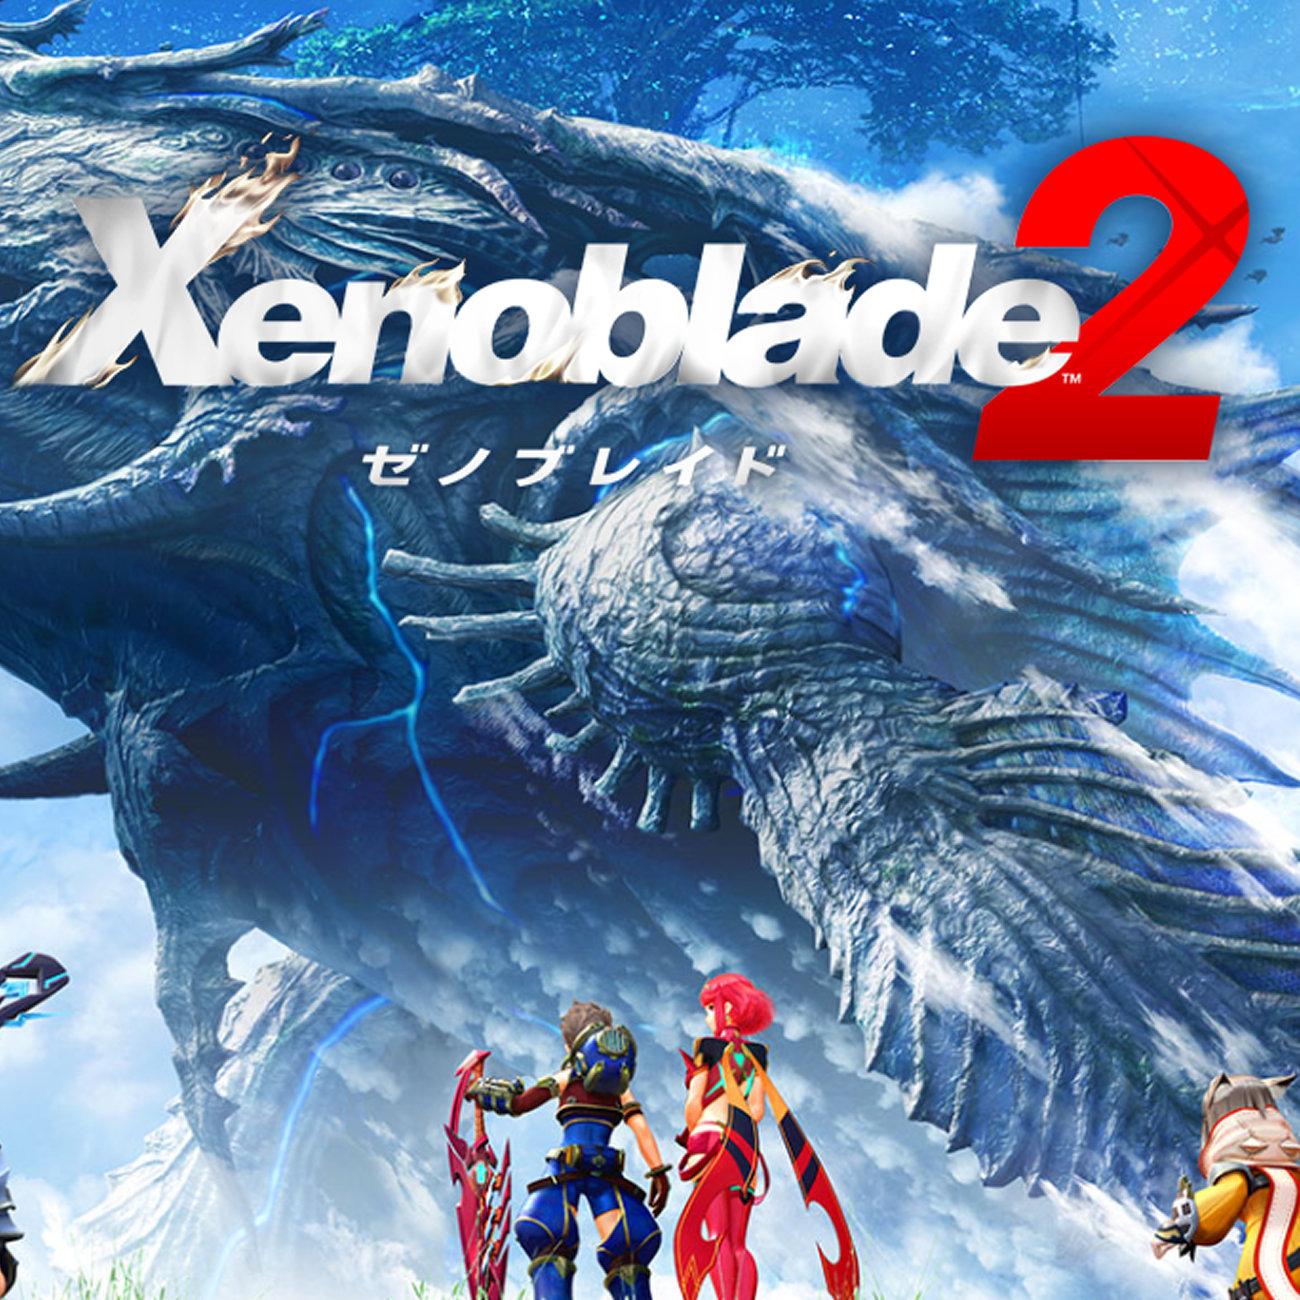 ゼノブレイド2に続く新作RPG。野村哲也的な看板デザイナー